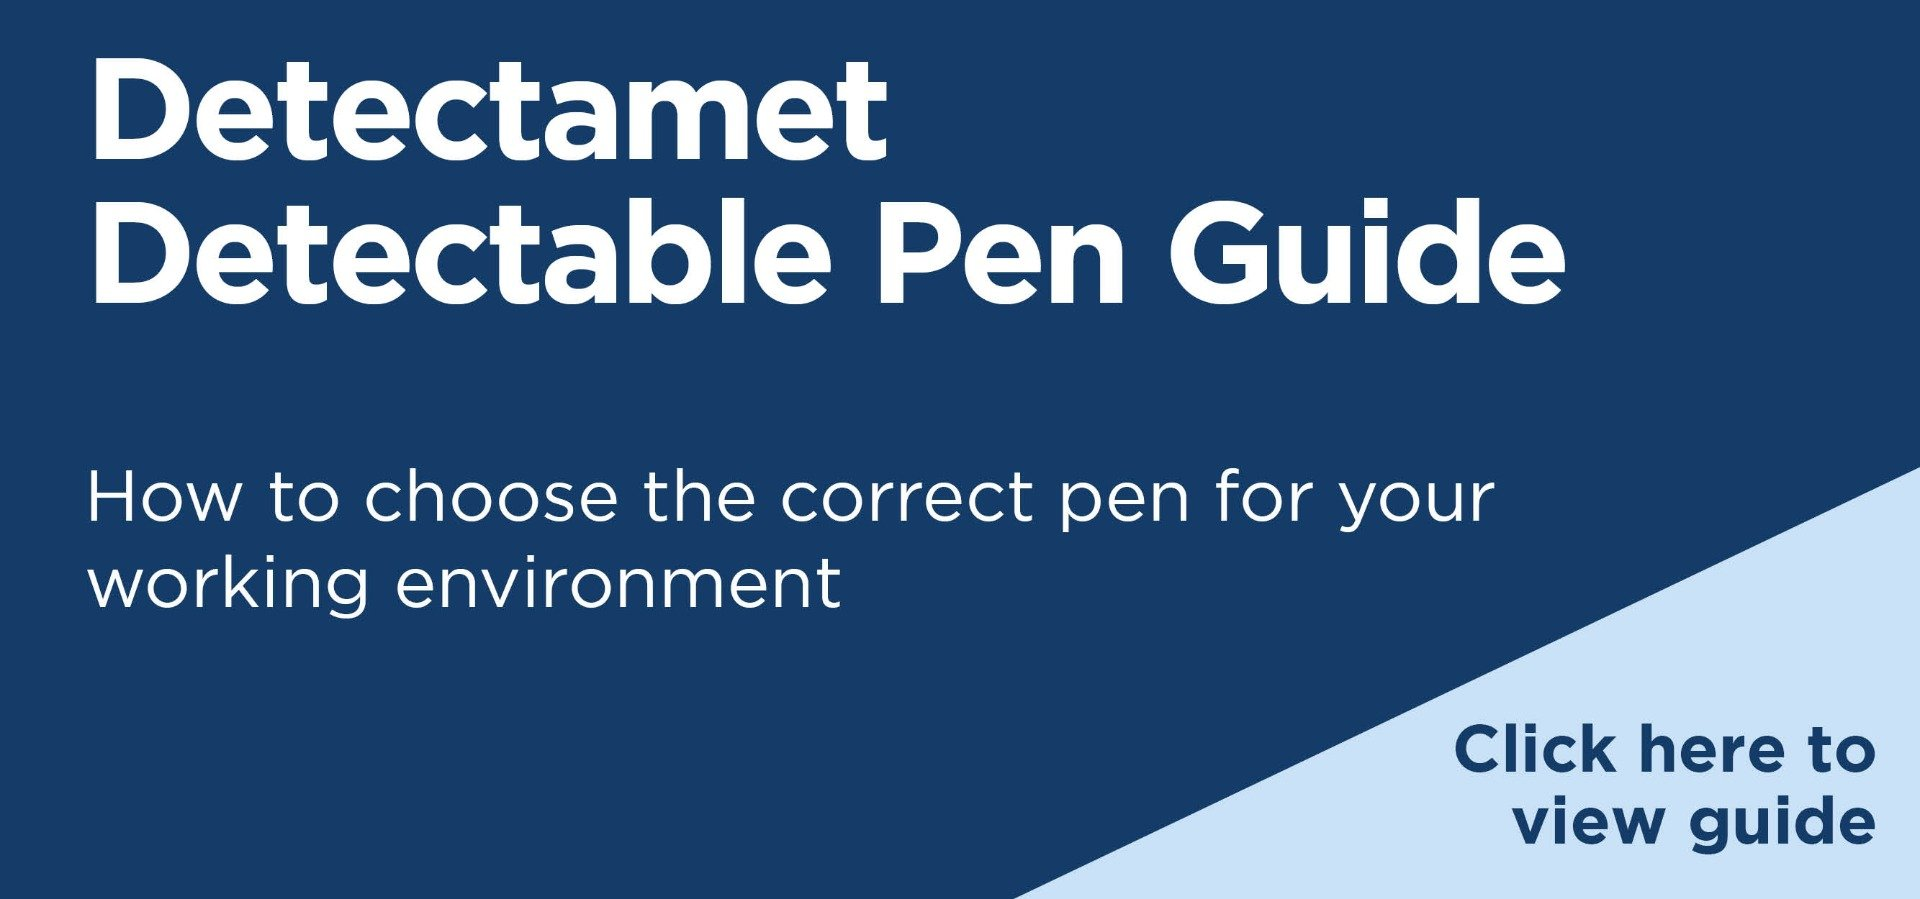 Detectamet Detectable Pen Guide